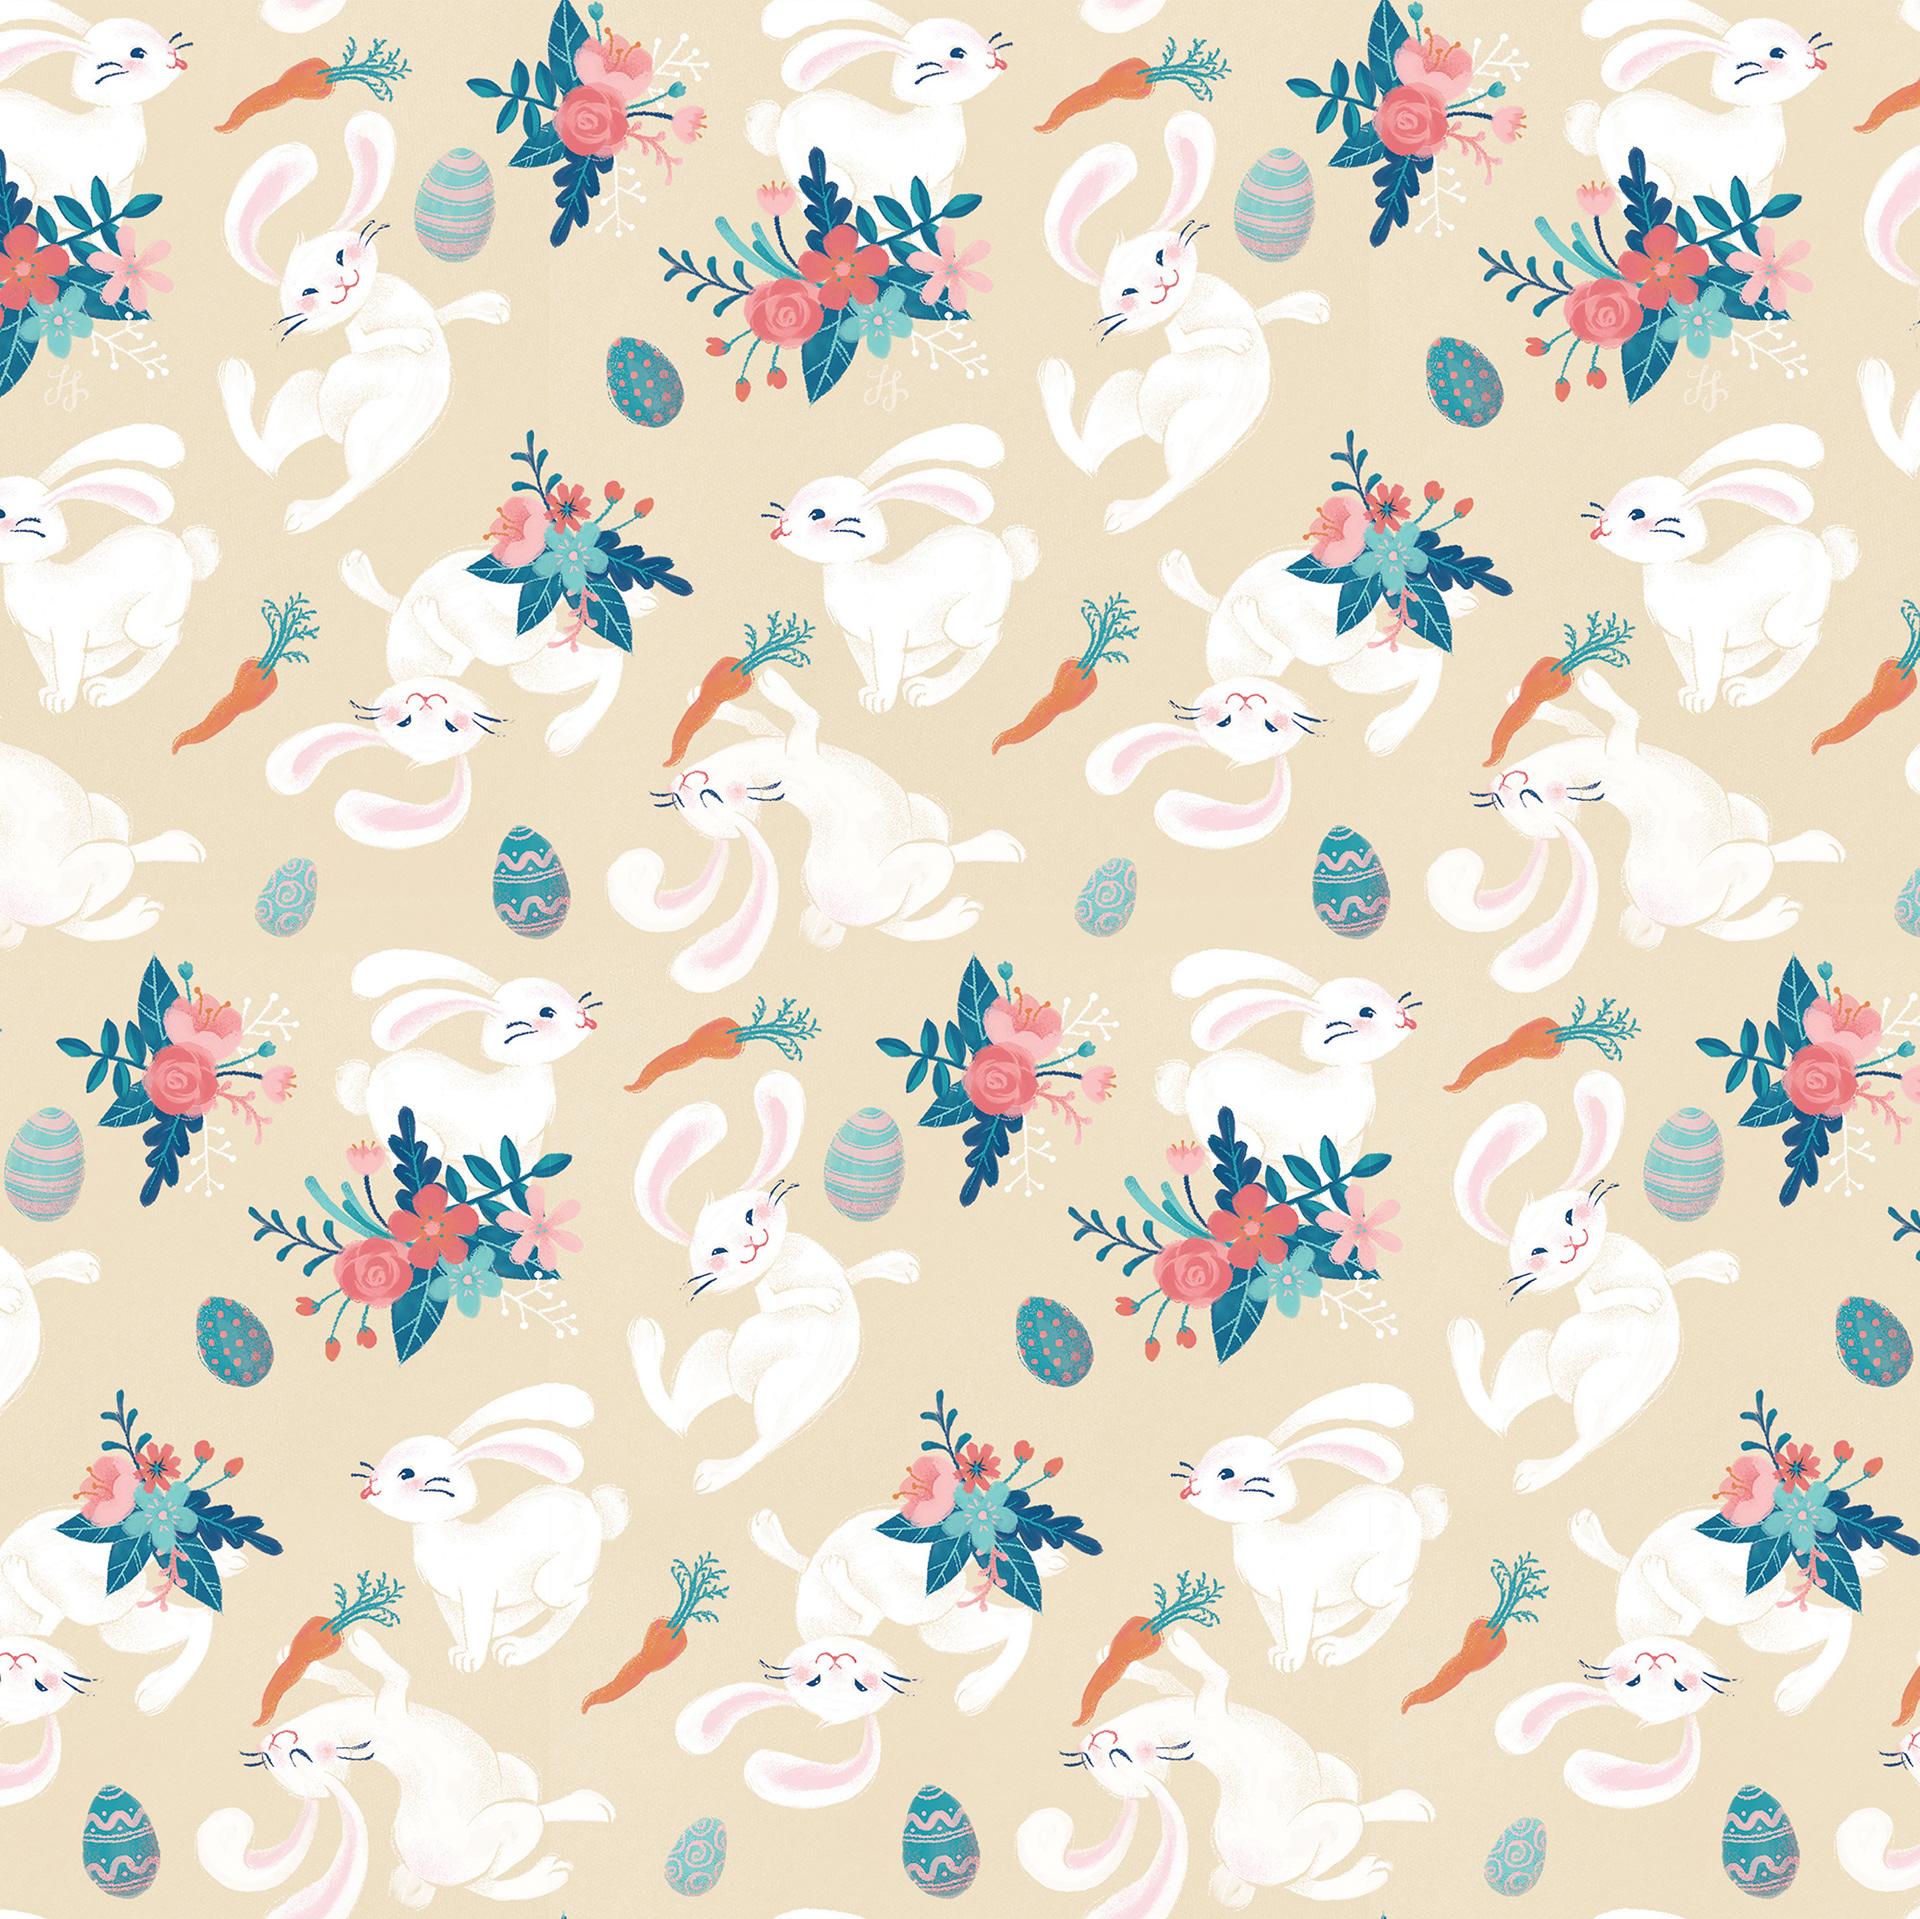 flávia fernandes easter pattern